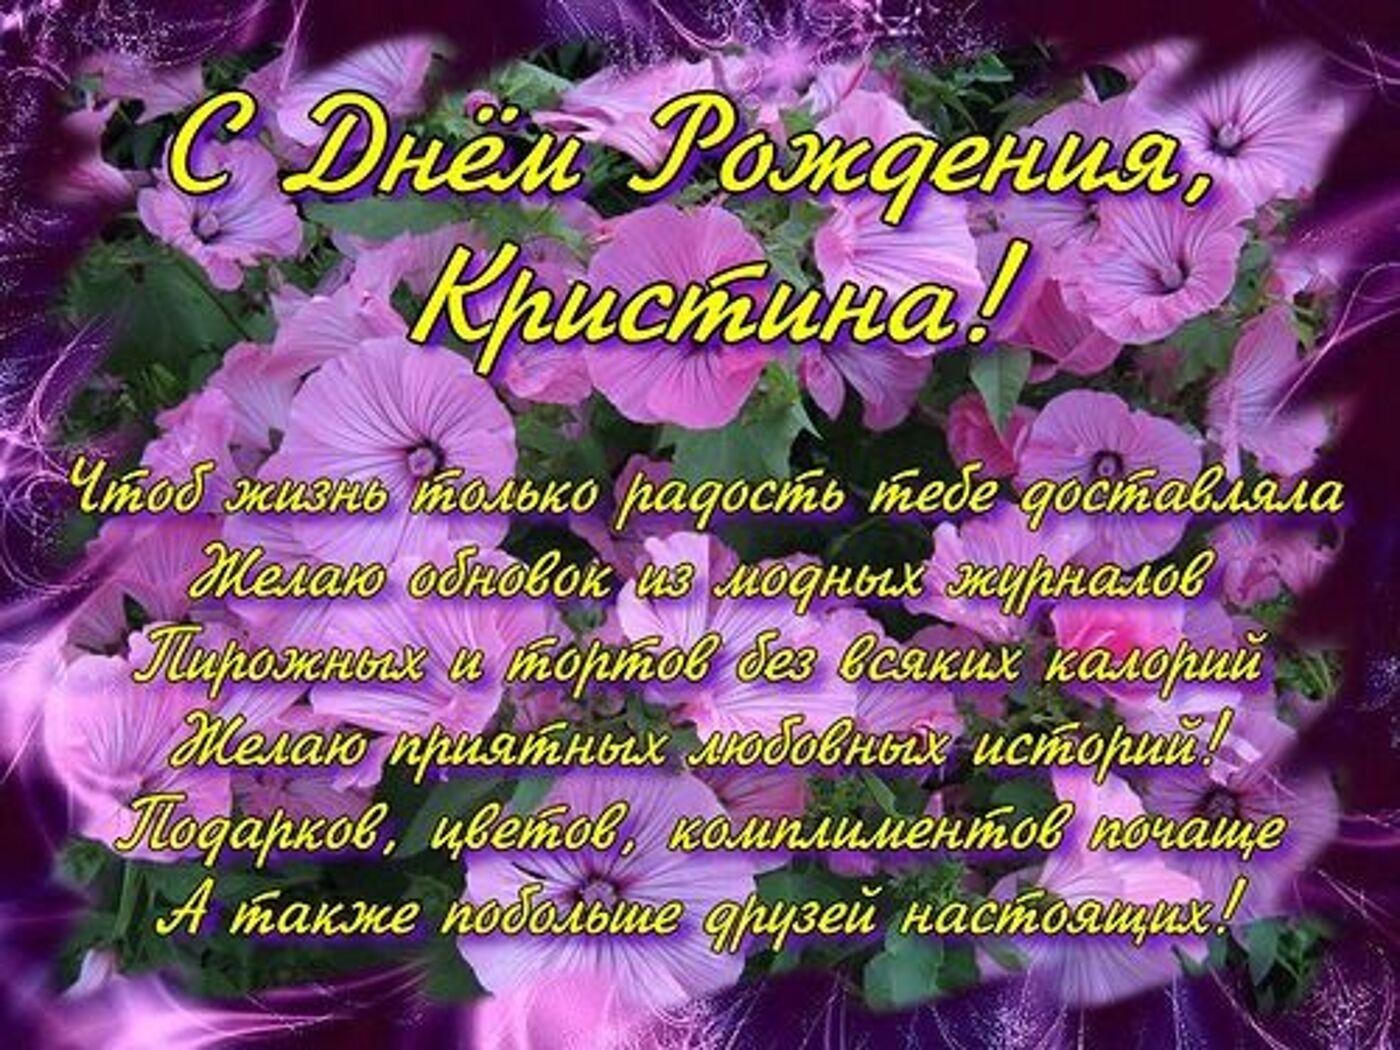 Цветы для кристины открытка, картинки доброго дня